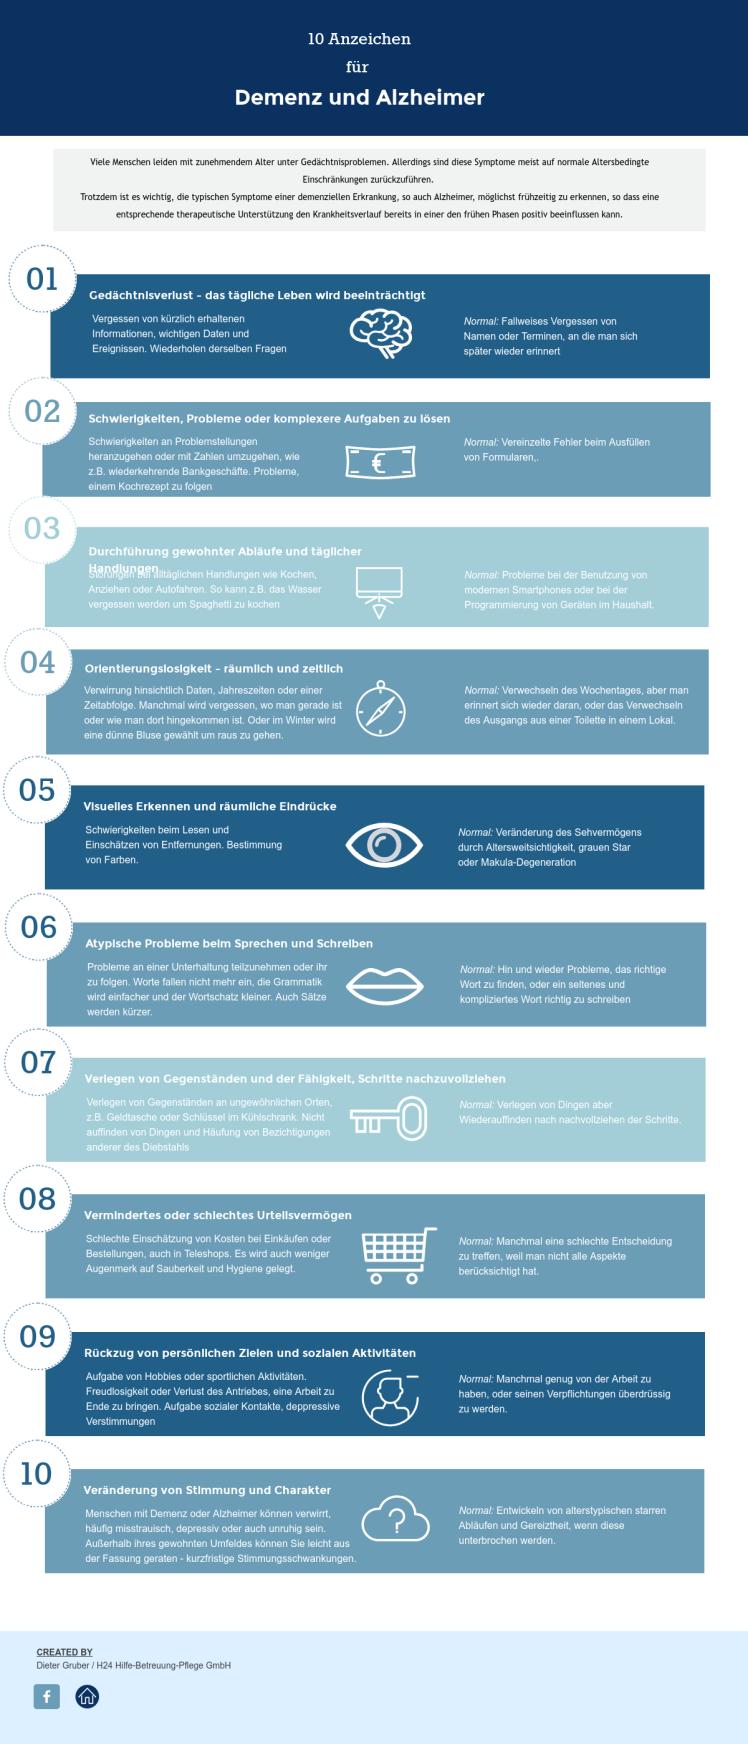 10-Anzeichen-zur-Frherkennung-von-Demenz-und-Alzheimer-